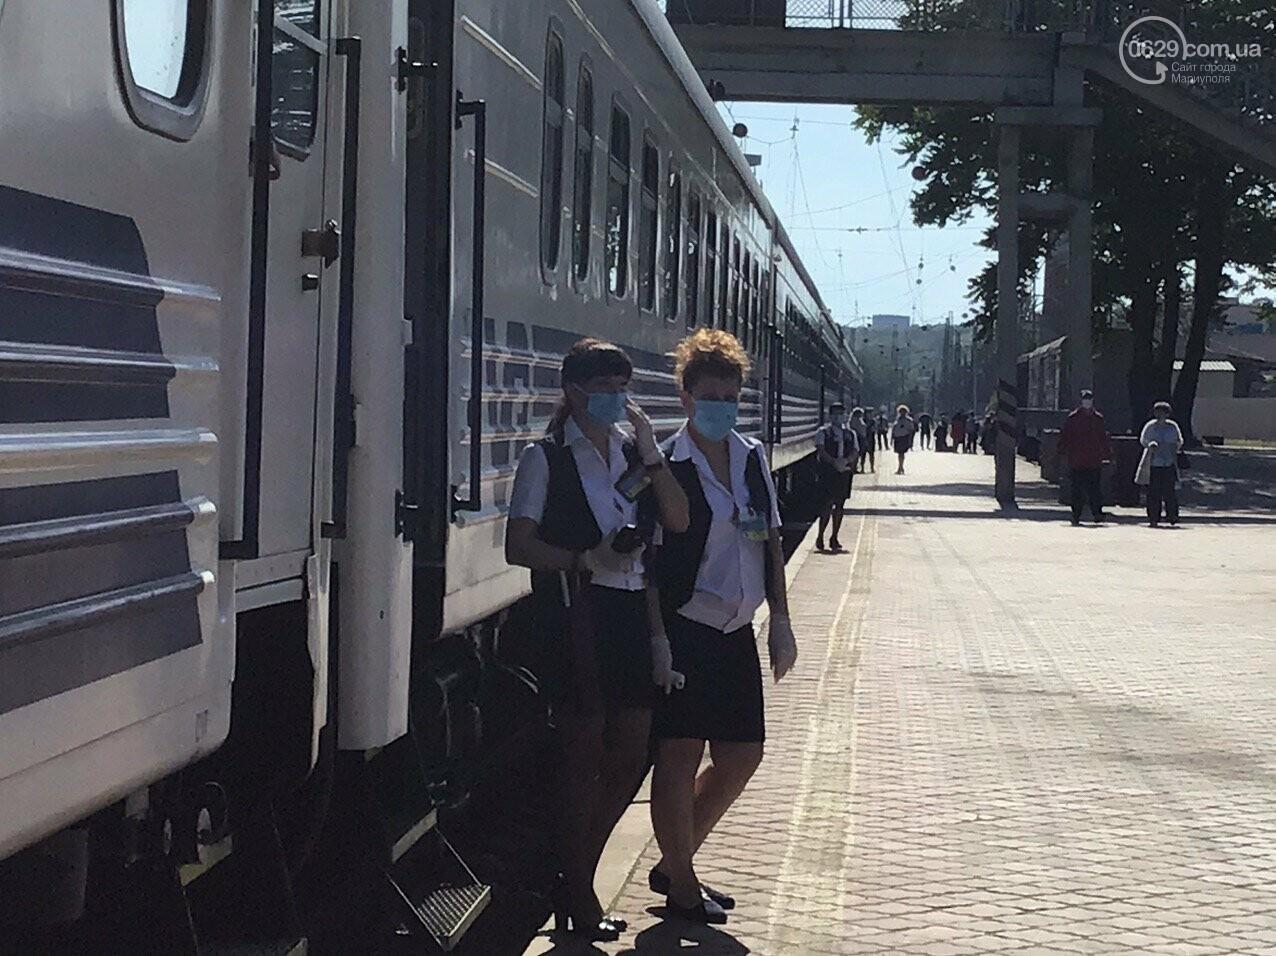 Из Мариуполя отправился первый поезд в Киев, - ФОТОРЕПОРТАЖ, ВИДЕО, фото-2